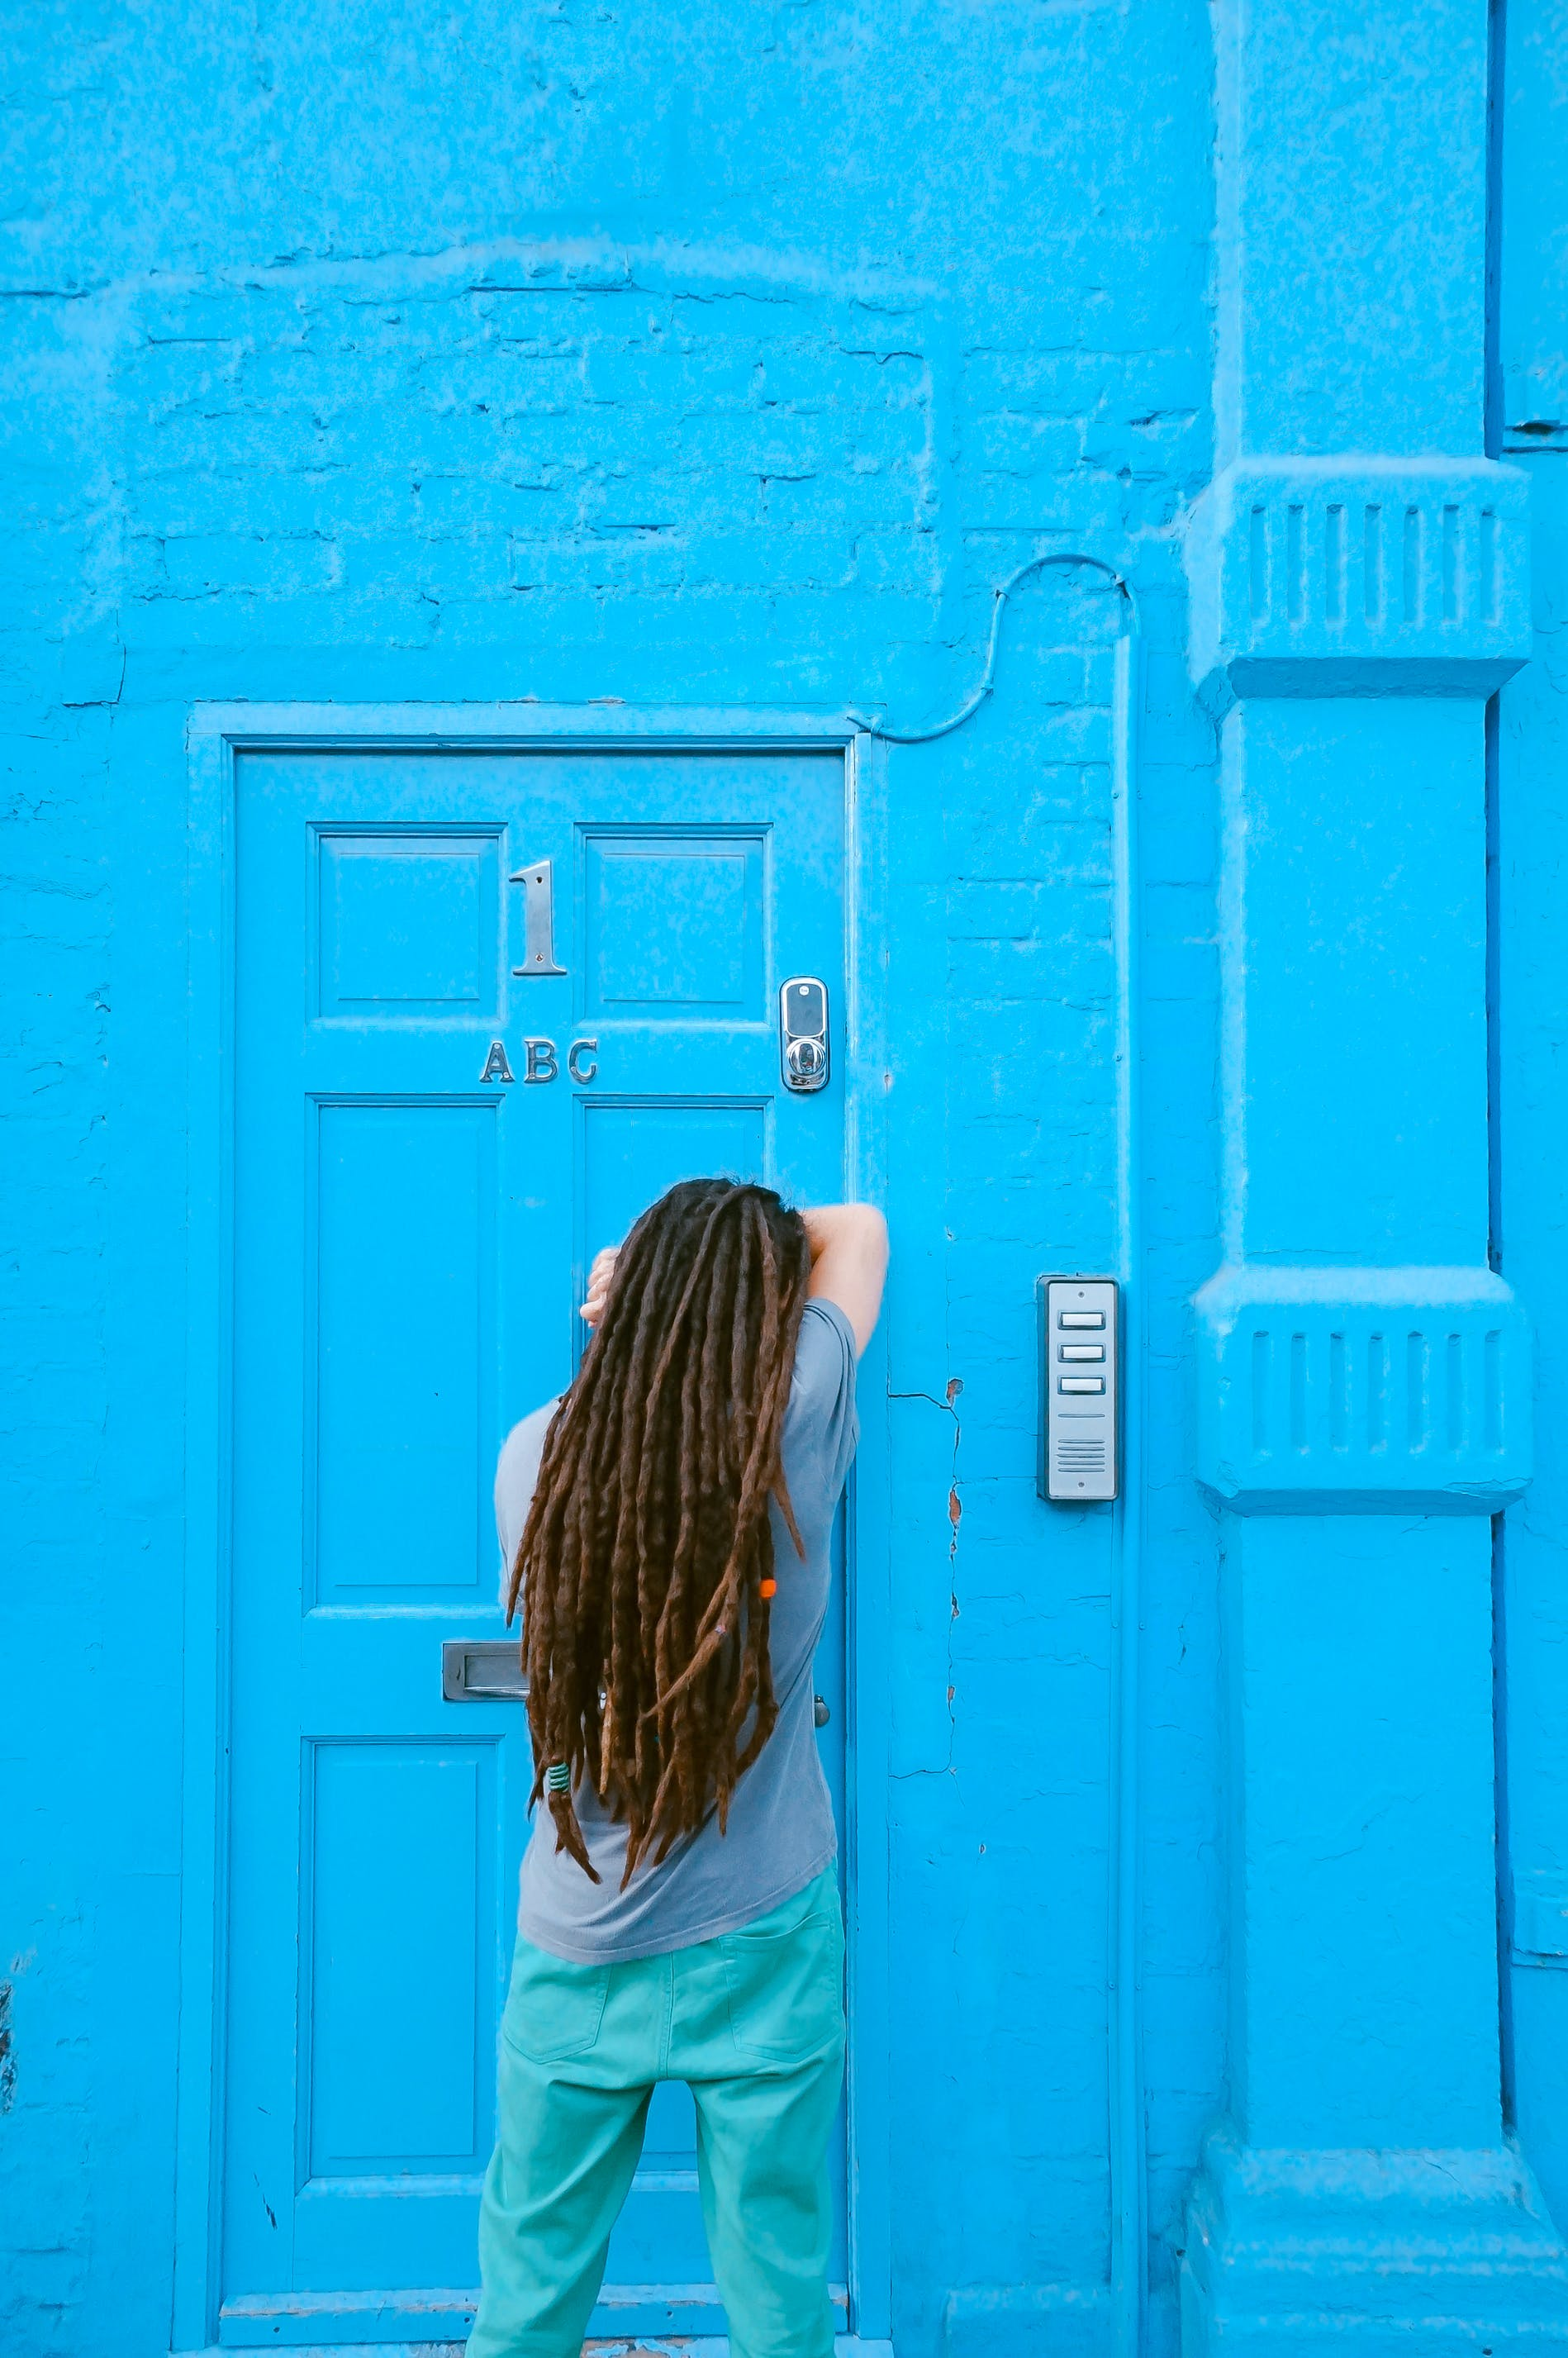 Kostenloses Stock Foto zu außen, blau, eingang, frisur